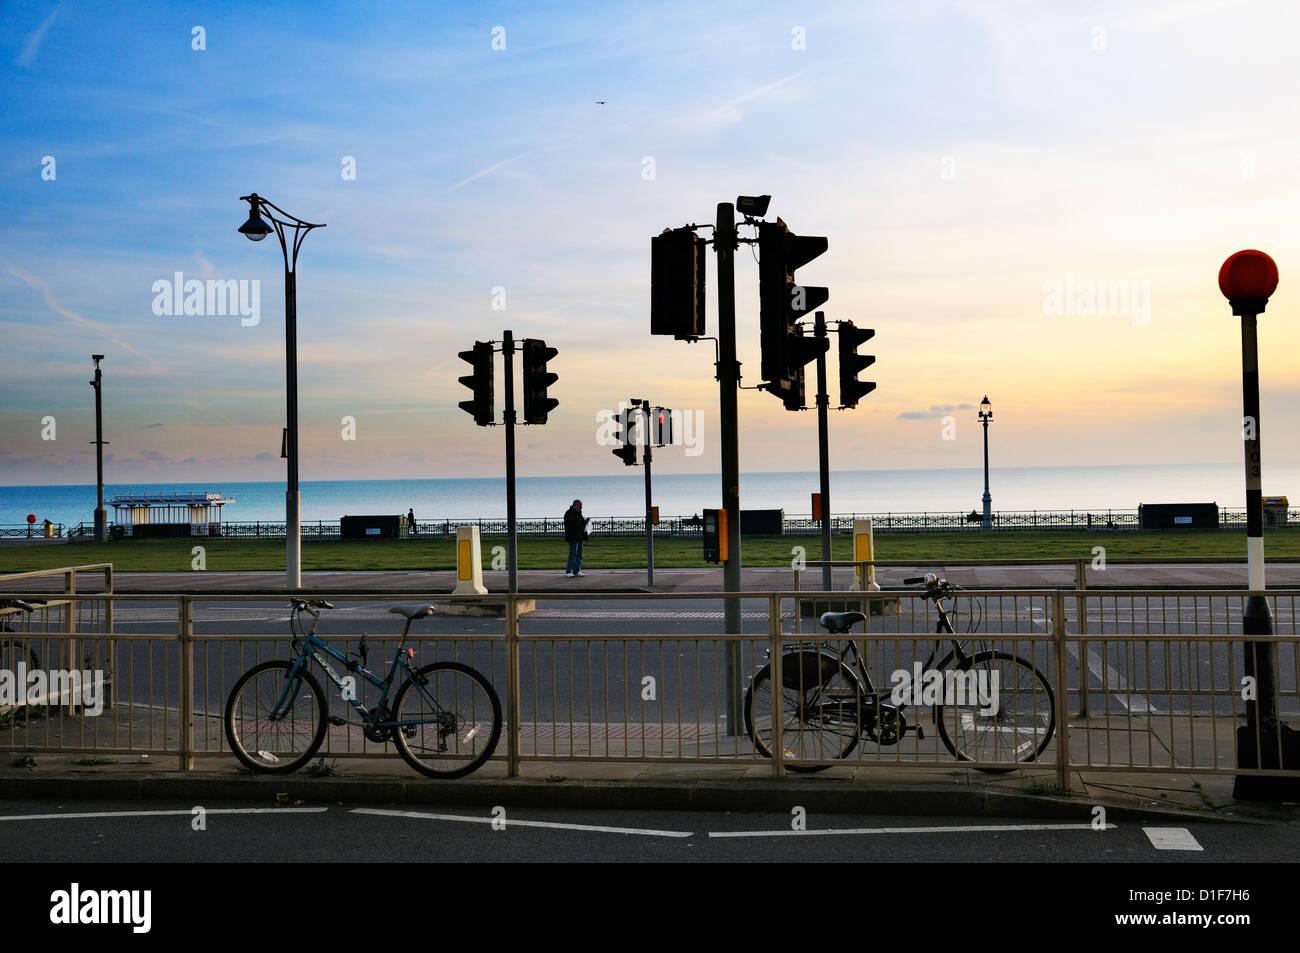 Ampeln und Straßenkreuzung bei Sonnenuntergang, Brighton, East Sussex, UK Stockbild